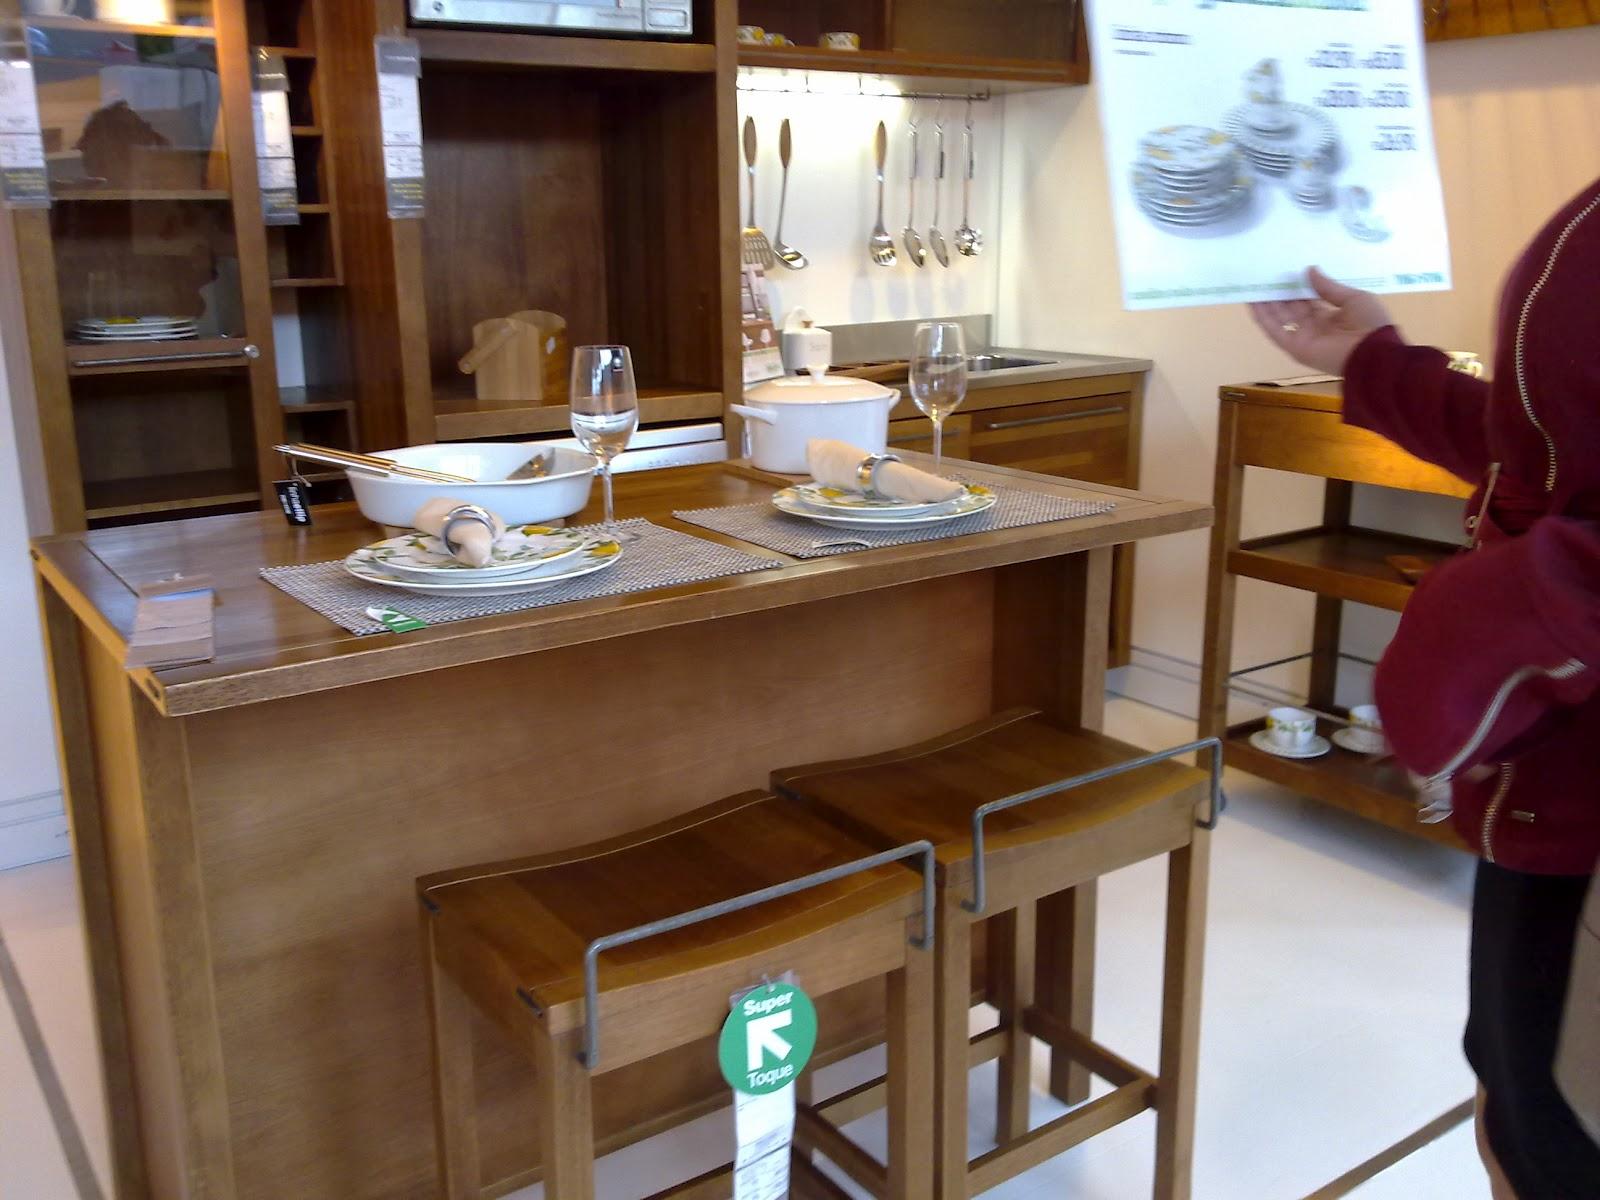 #A76D24  For Blog de decoração: Decoração com Madeira Cozinha rústica 1600x1200 px Balcão Cozinha Americana Tok Stok_1897 Imagens